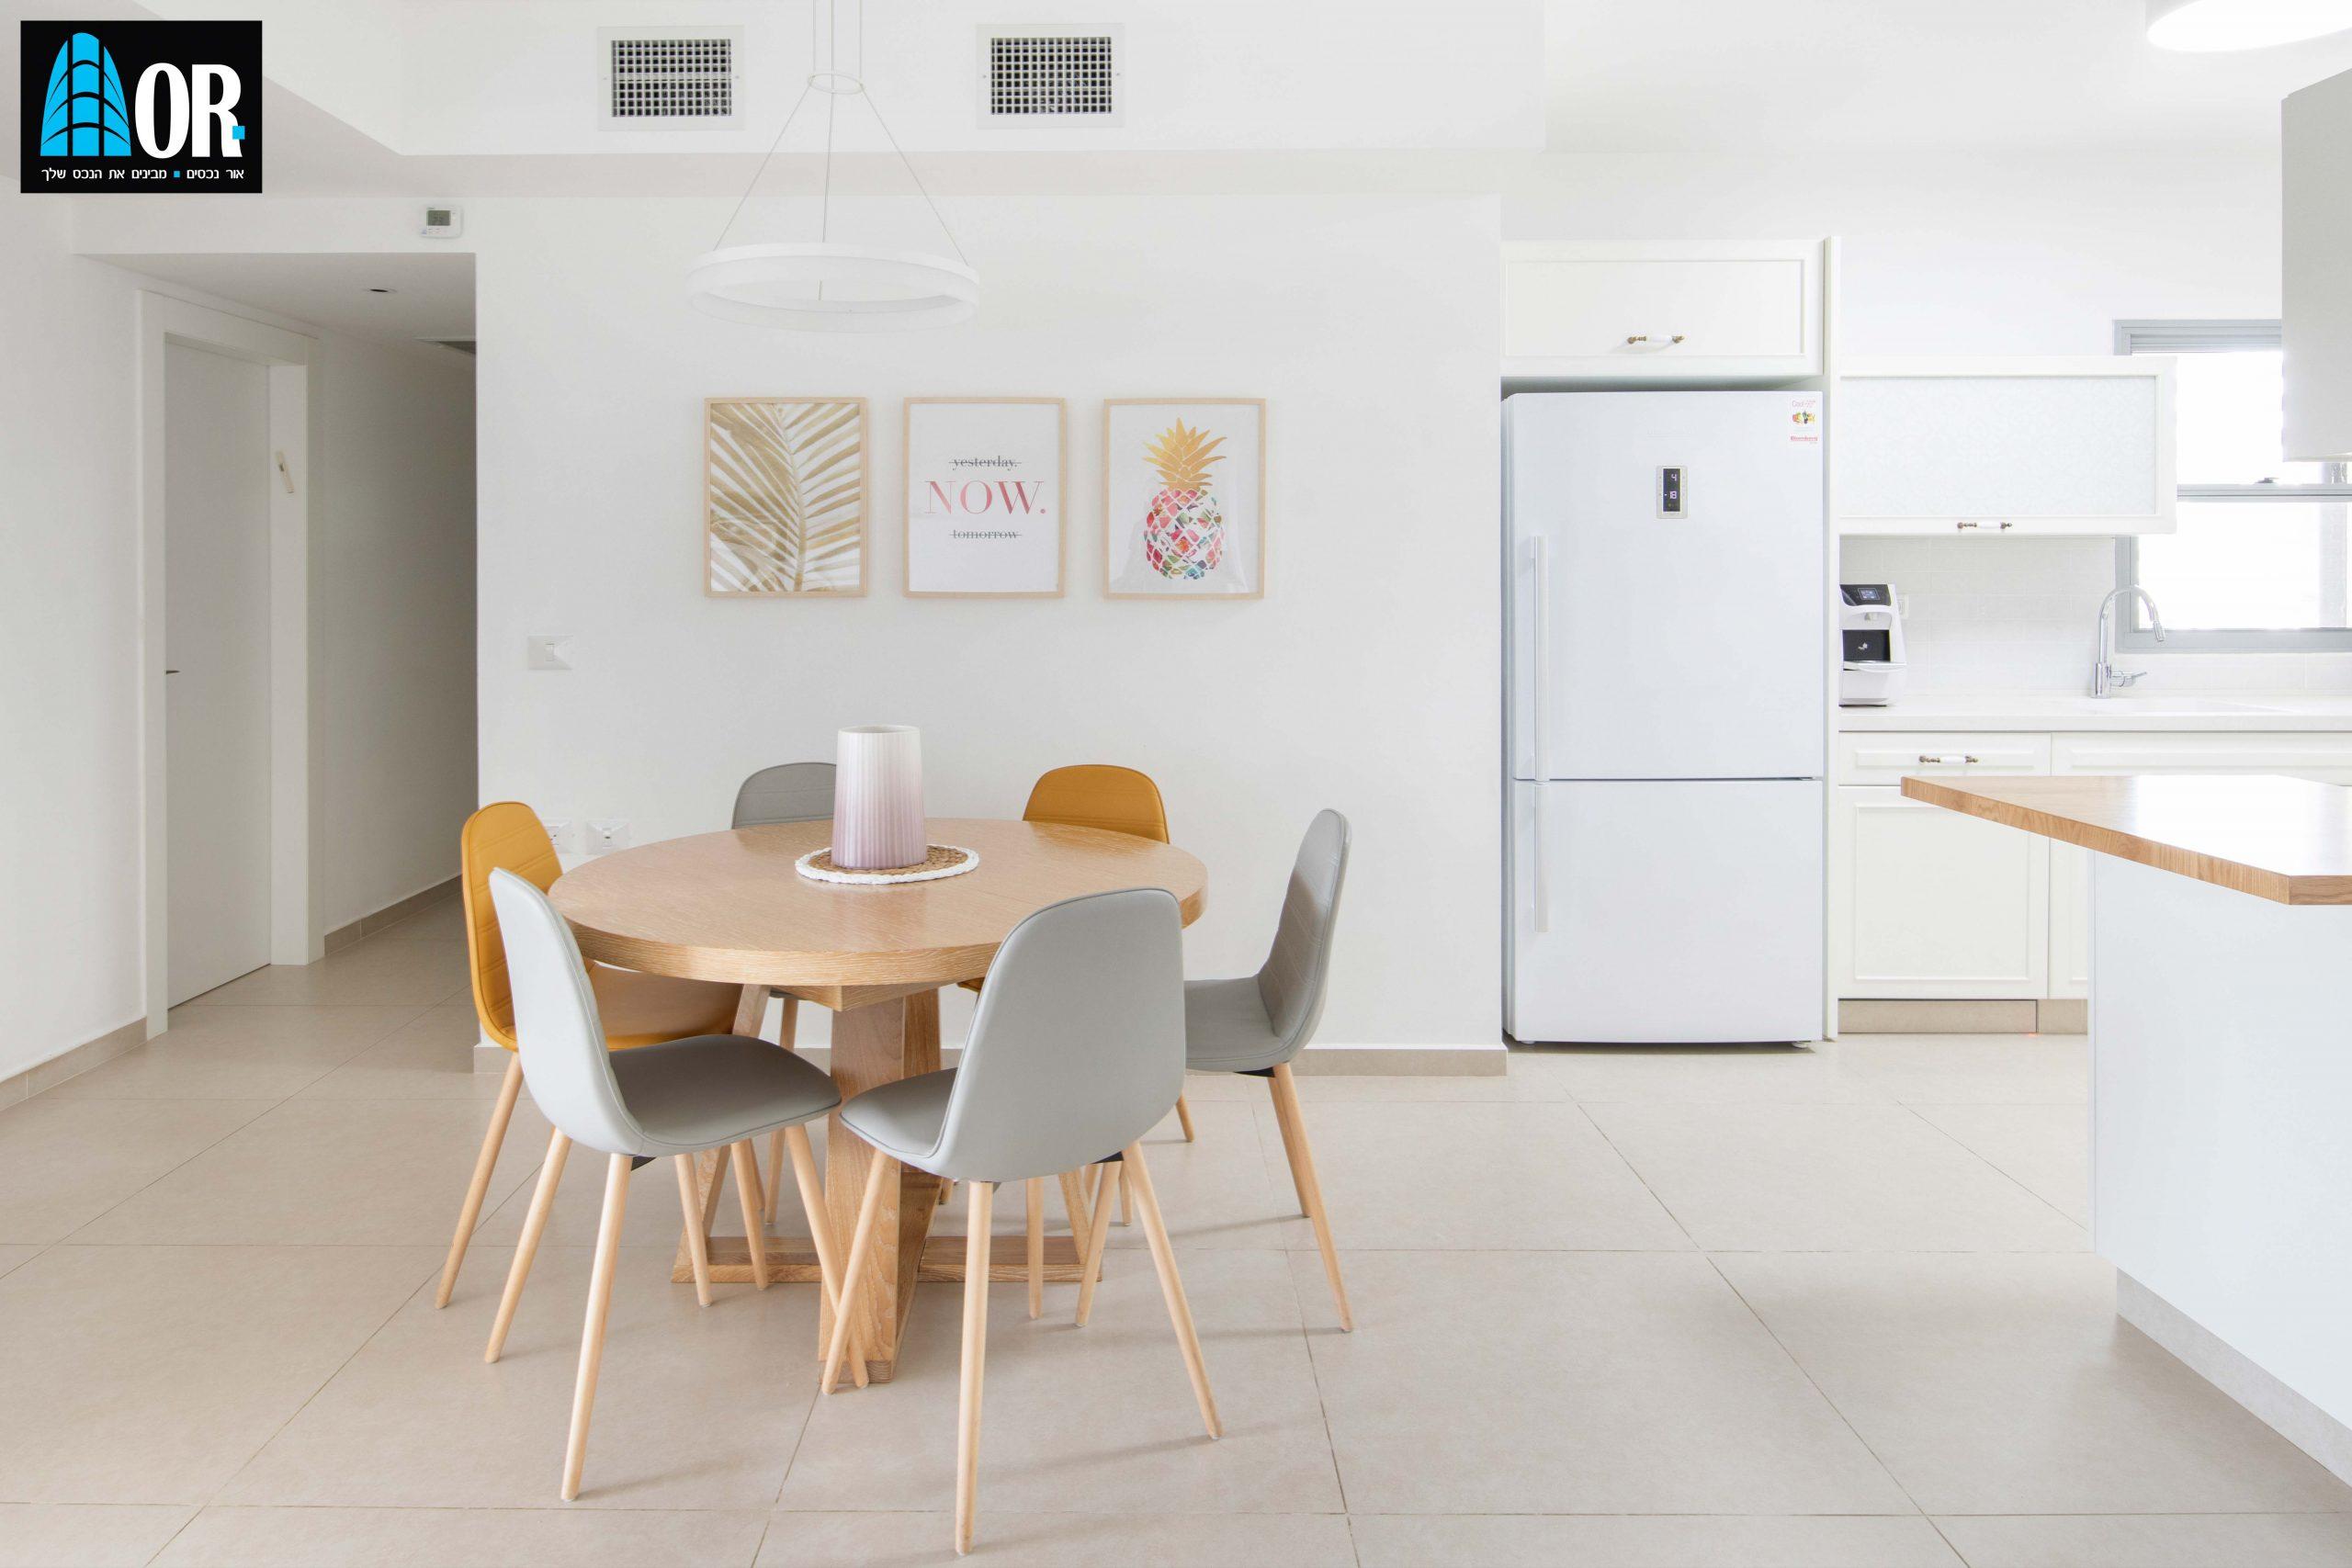 פינת אוכל דירה 4 חדרים שכונה צמרות